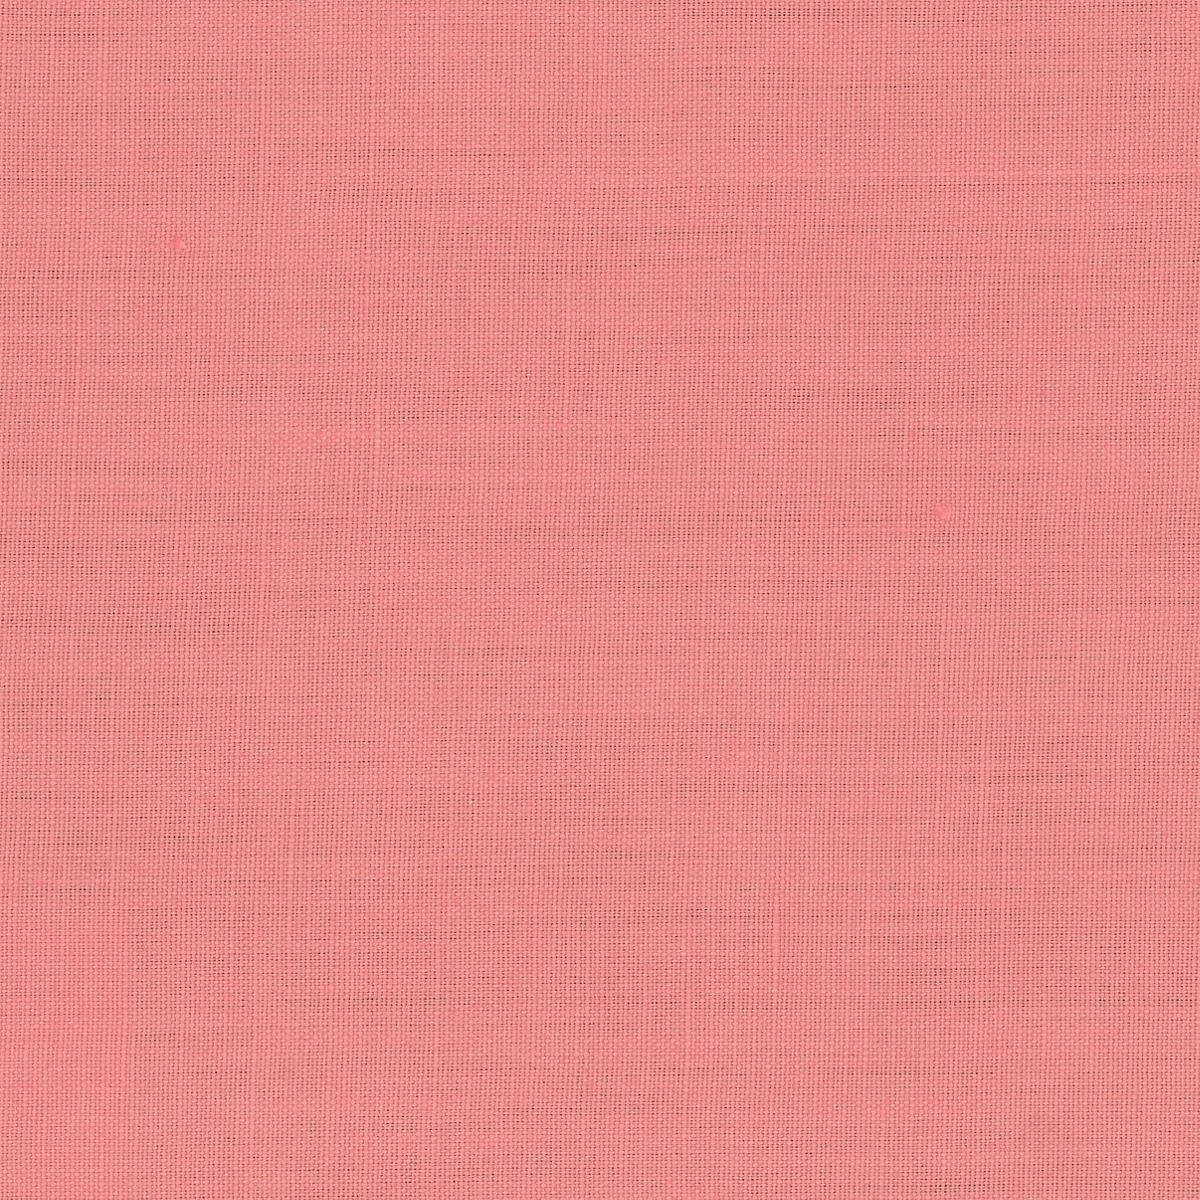 Estate Linen Coral Fabric